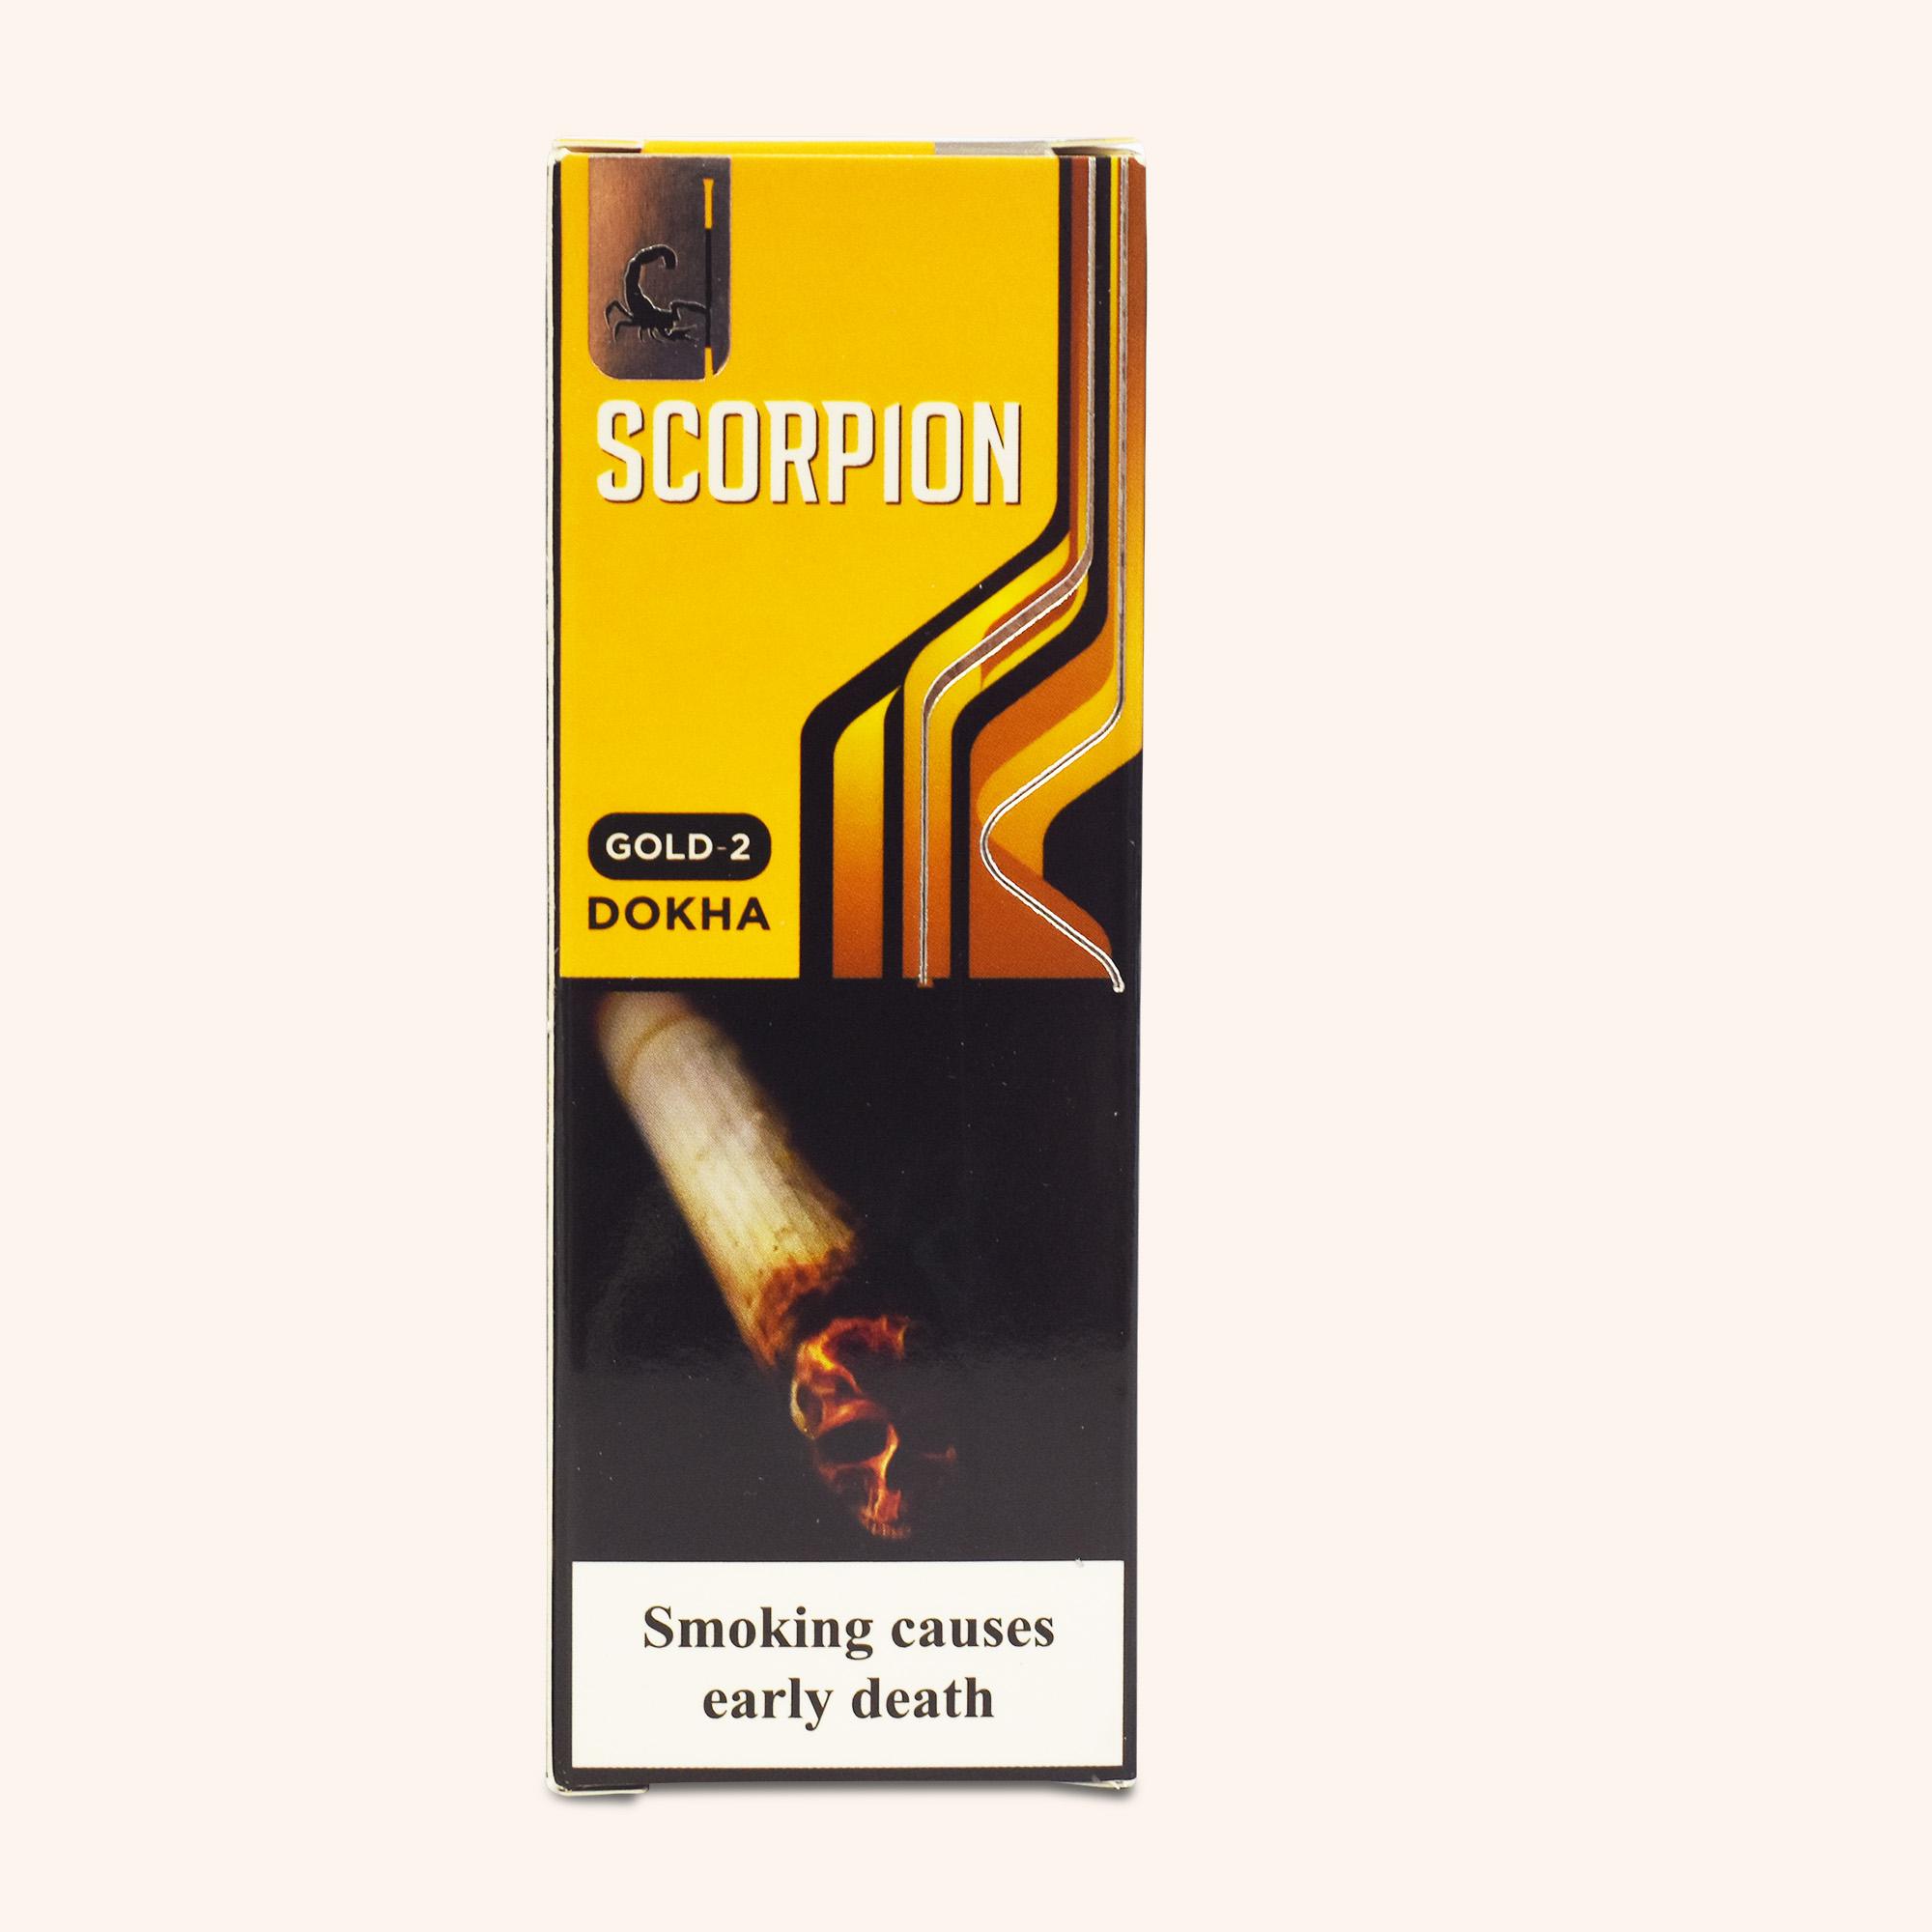 Scorpion Gold Dokha